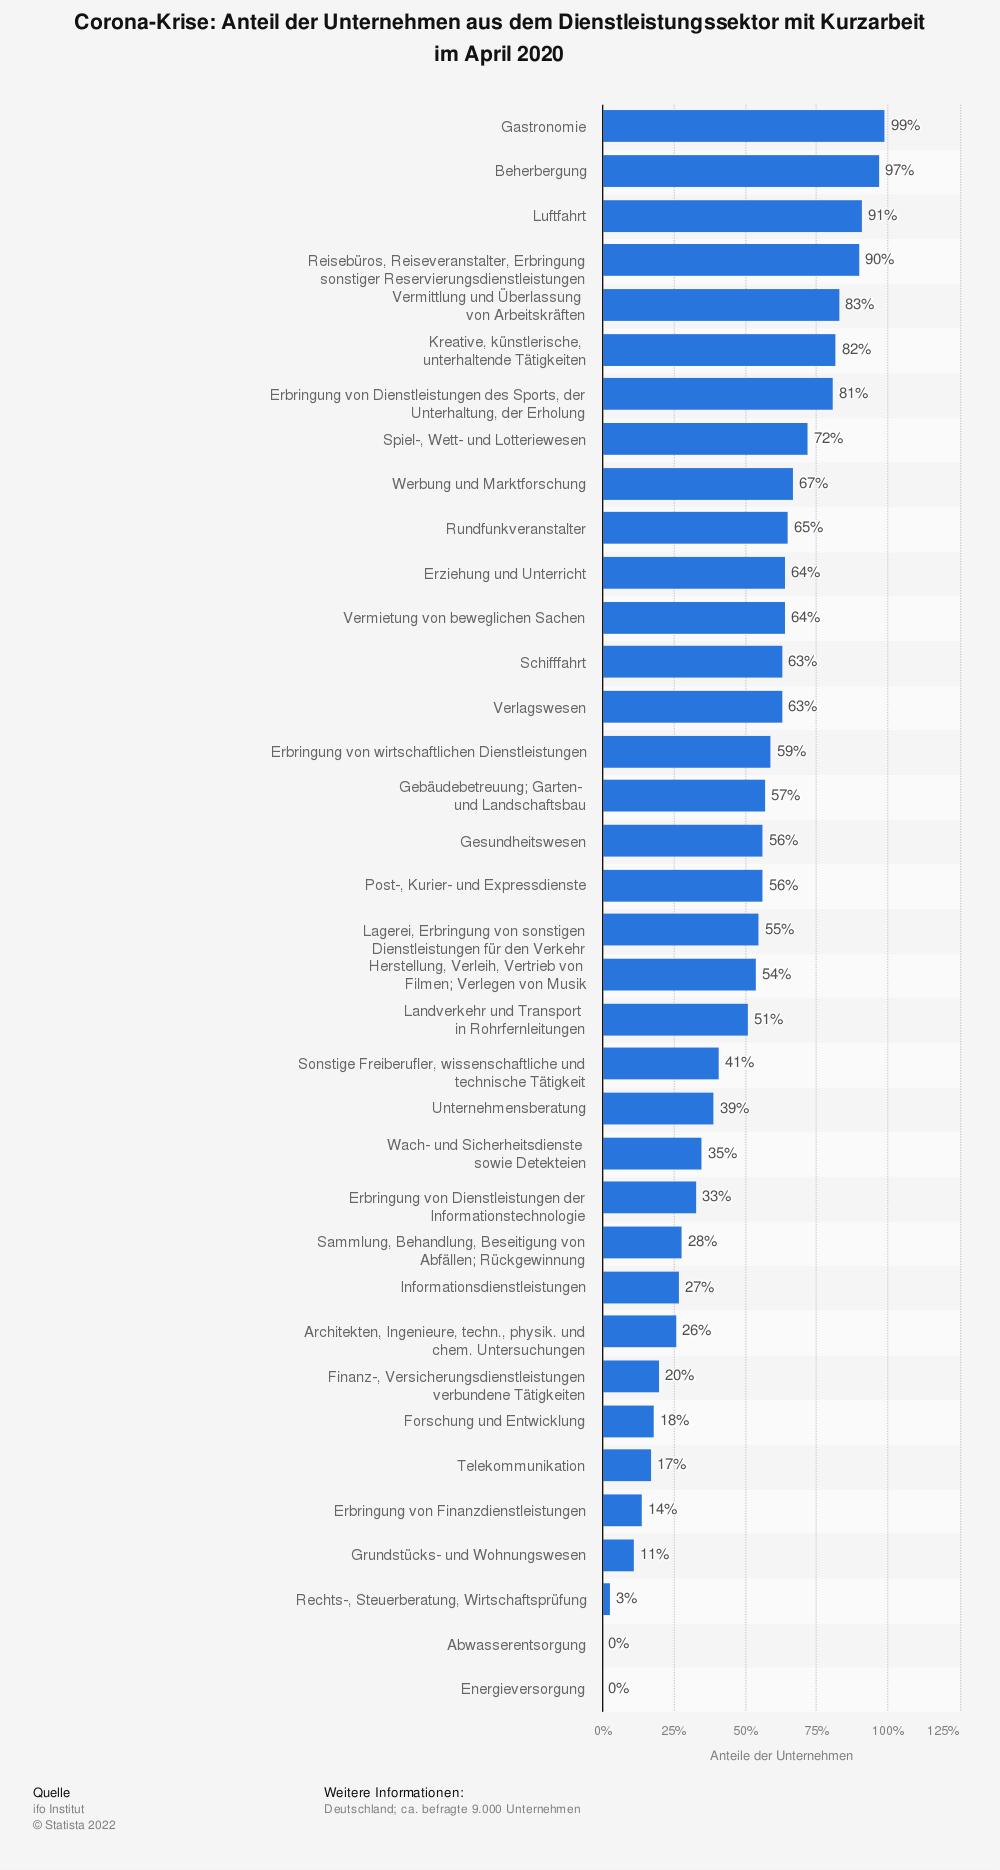 Statistik: Corona-Krise: Anteil der Unternehmen aus dem Dienstleistungssektor mit Kurzarbeit im April 2020 | Statista